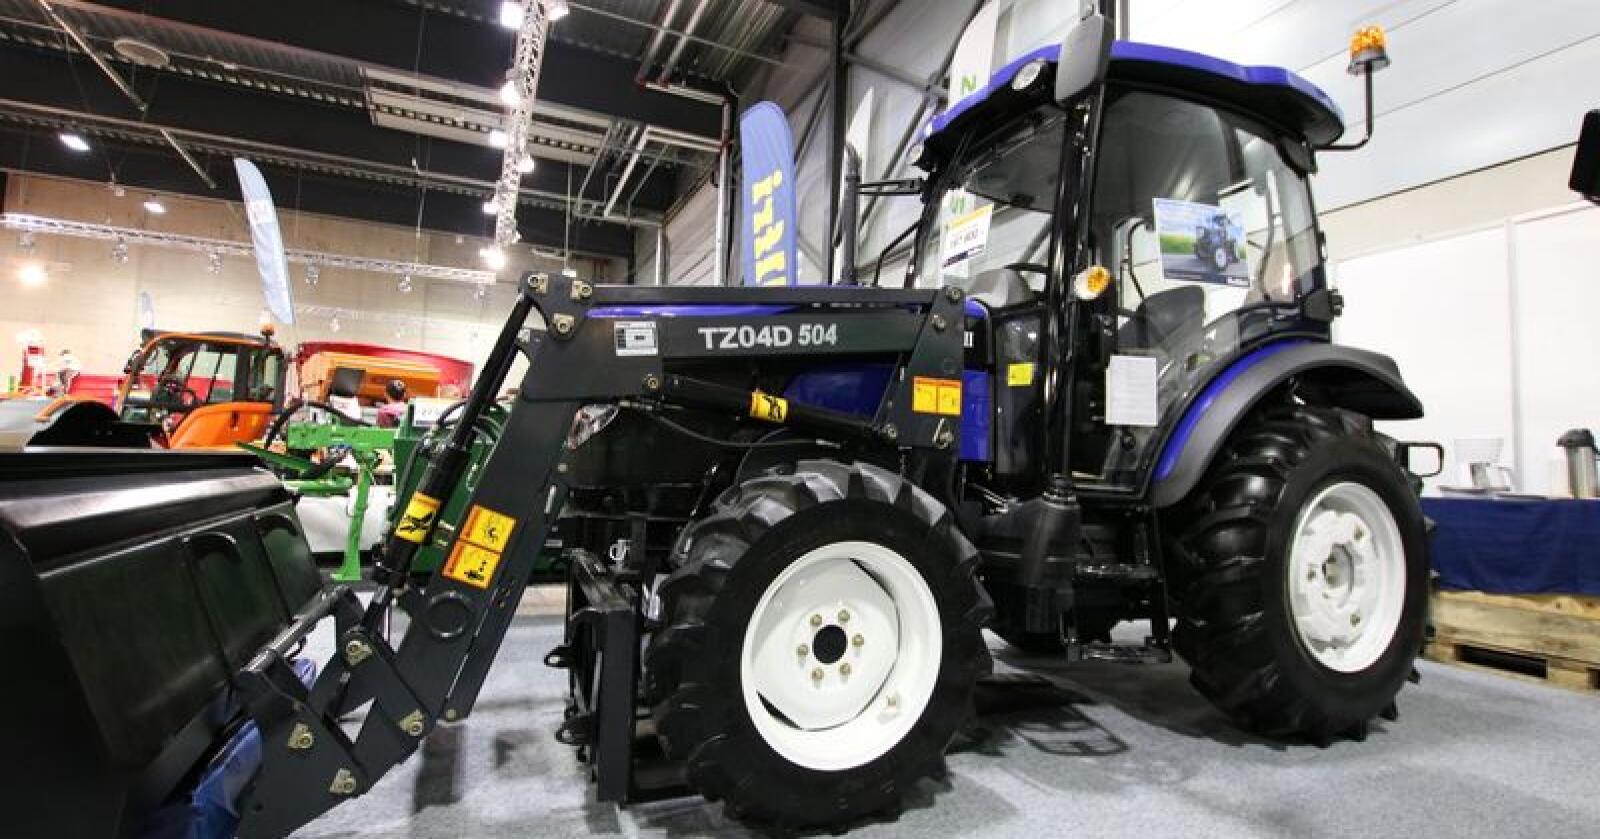 Populær: Ifølge Kellfri er Lovol 504-III den mest populære maskinen på deres stand, og på tidligere messer har de opplevd å selge flere tilsvarenden traktorer nokså spontant. Alle foto: Trond Martin Wiersholm